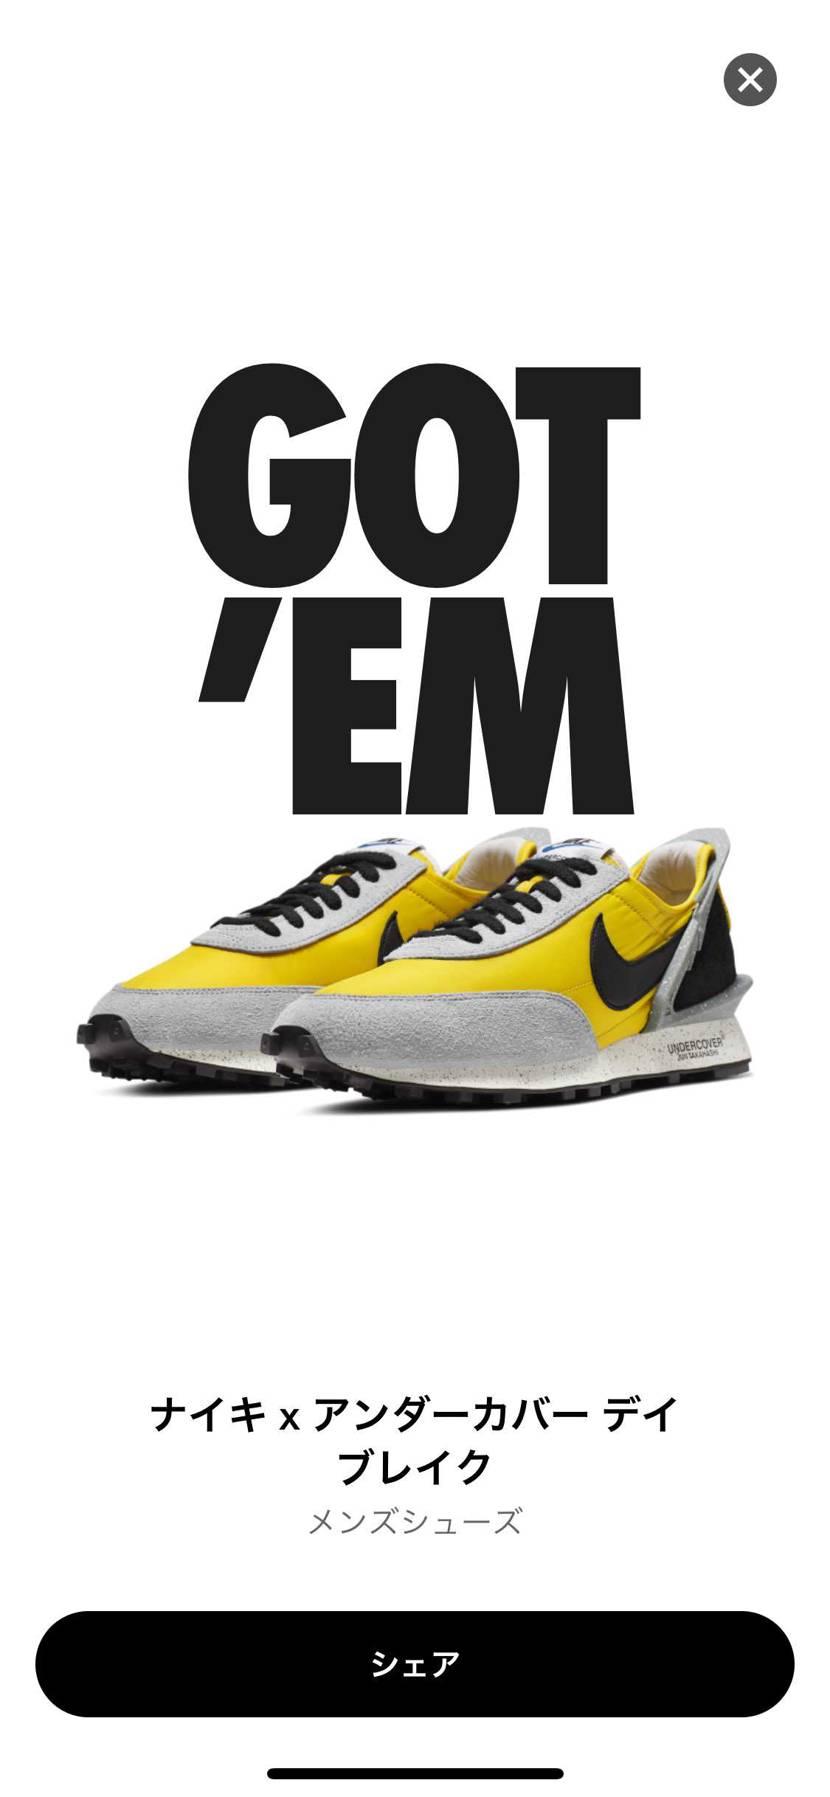 黄色も買えてしまった😰